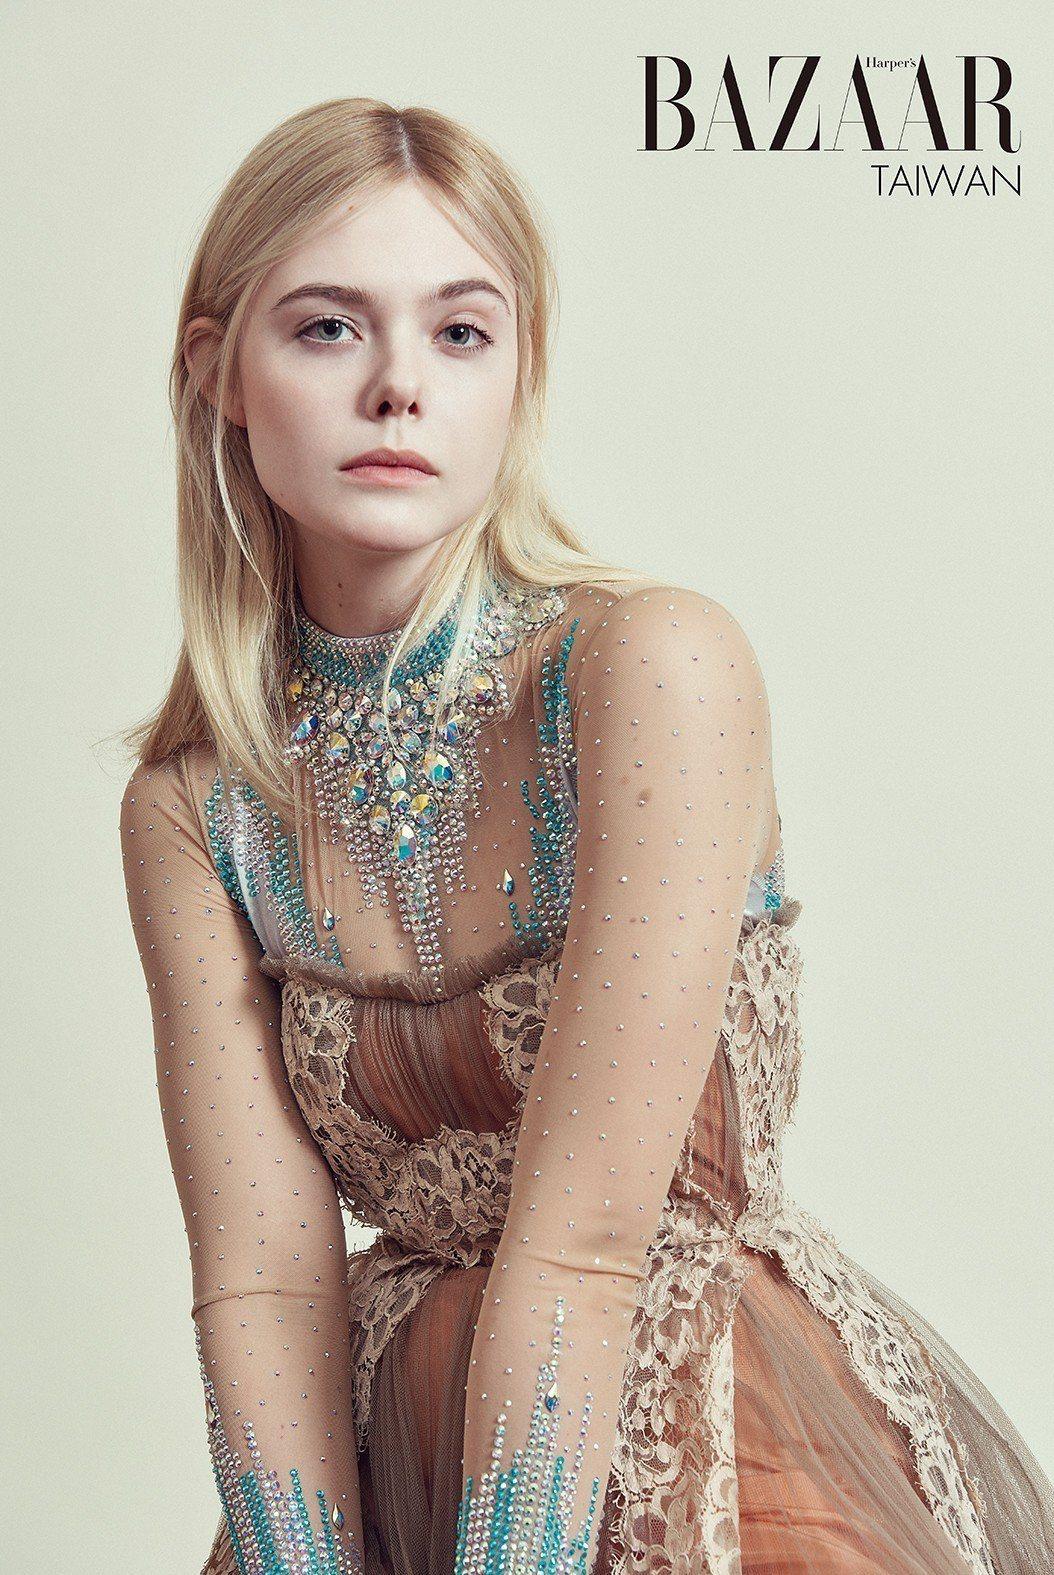 水晶鑲飾透明薄紗、蕾絲胸花絲綢薄紗裙,Gucci